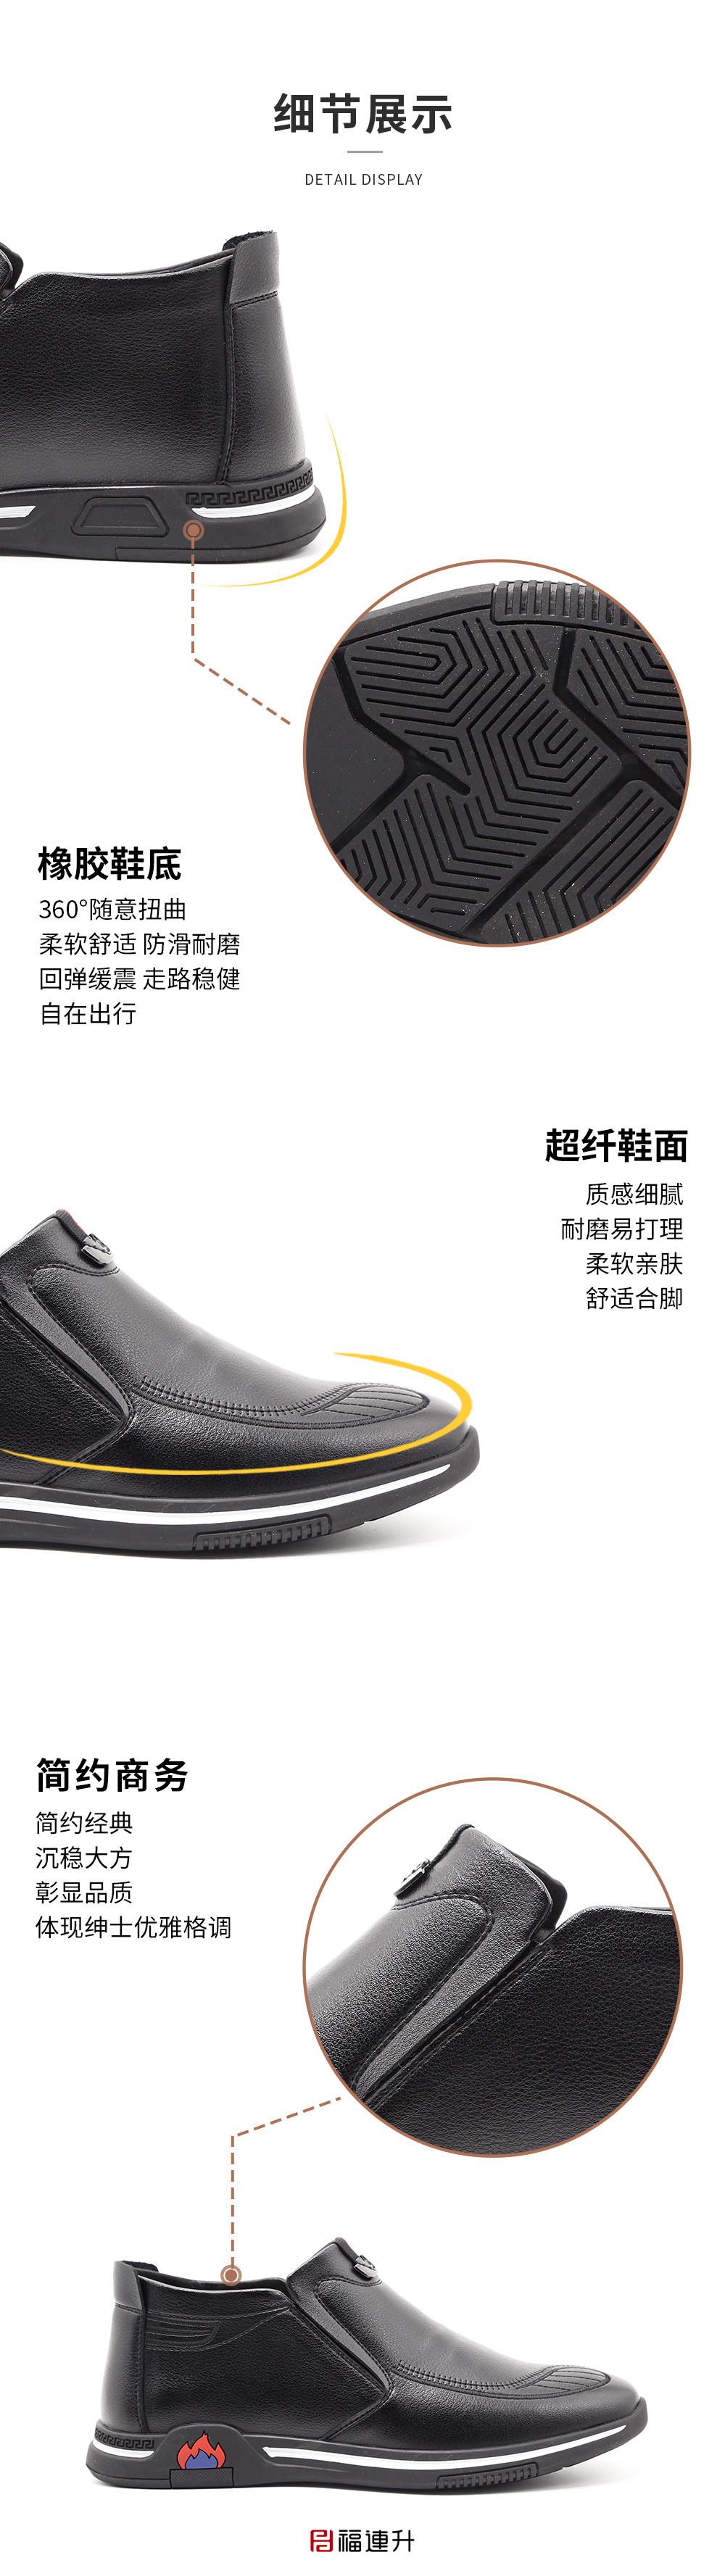 福连升男商务休闲鞋圆头套脚舒适低帮鞋办公工作棉鞋图片